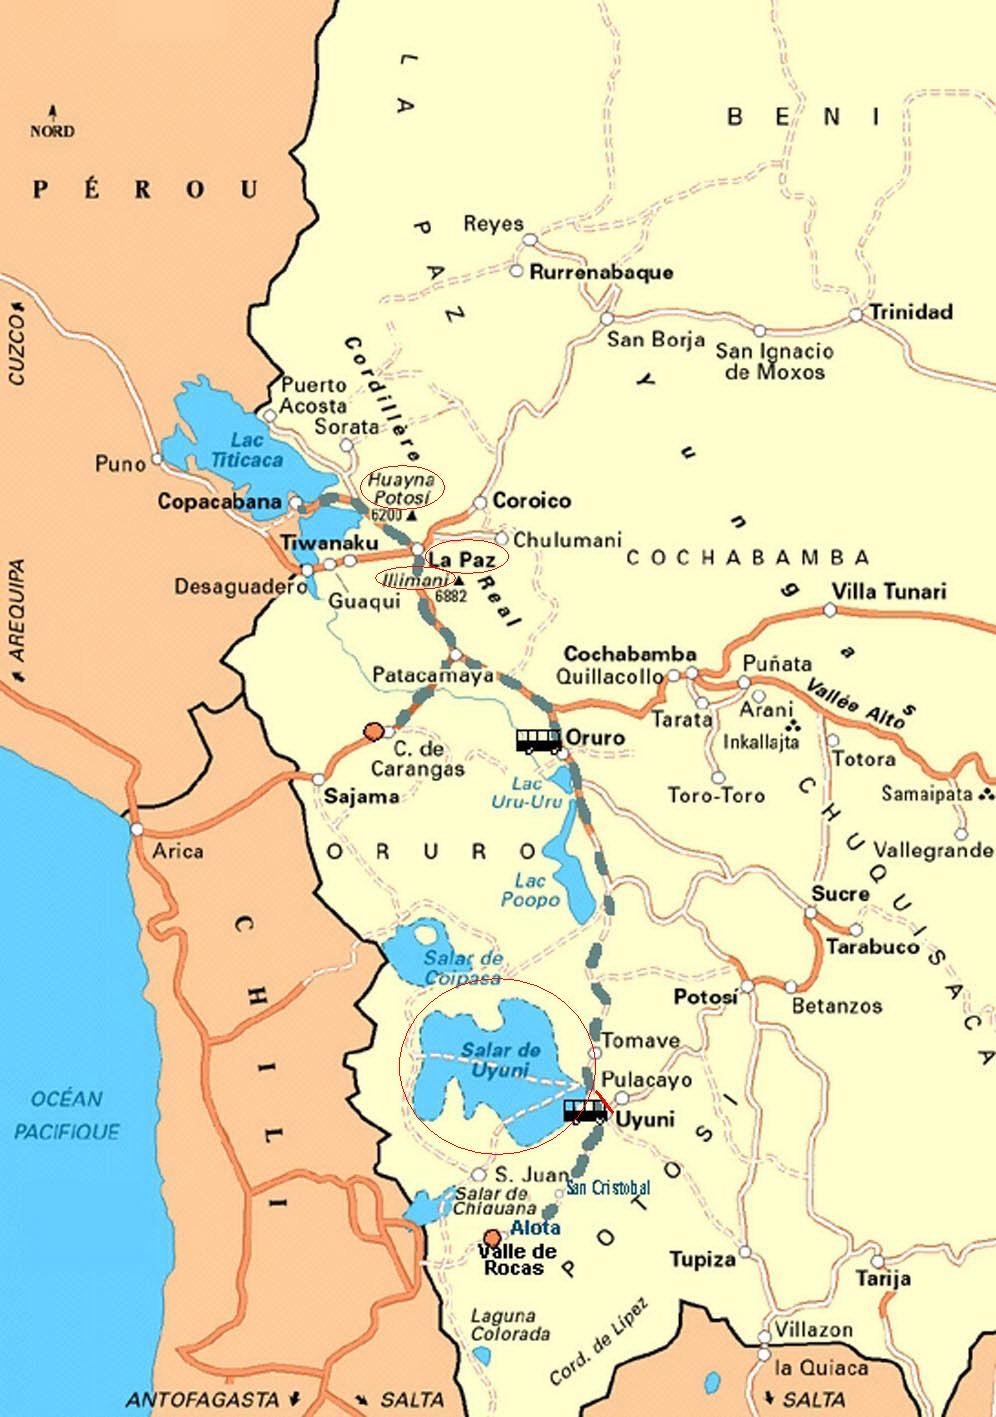 Boliwia Wulkany Illimani 6438 Mnpm Huyana Potosi 6088